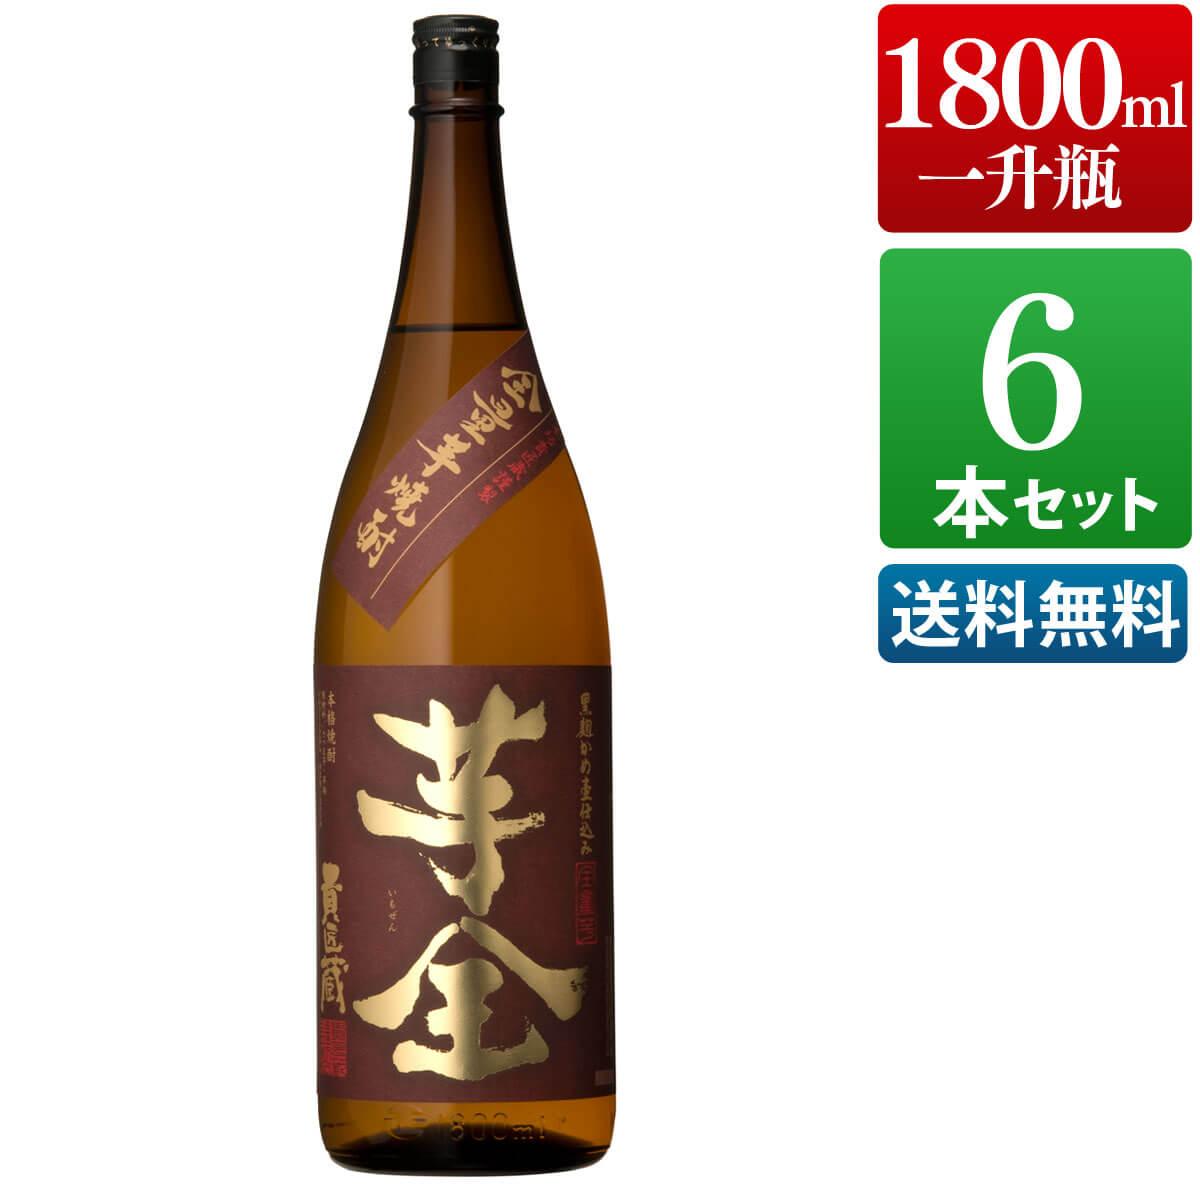 芋焼酎 6本セット 芋全貴匠蔵 25度 1800ml [ 本坊酒造 芋焼酎 / 送料無料 ]